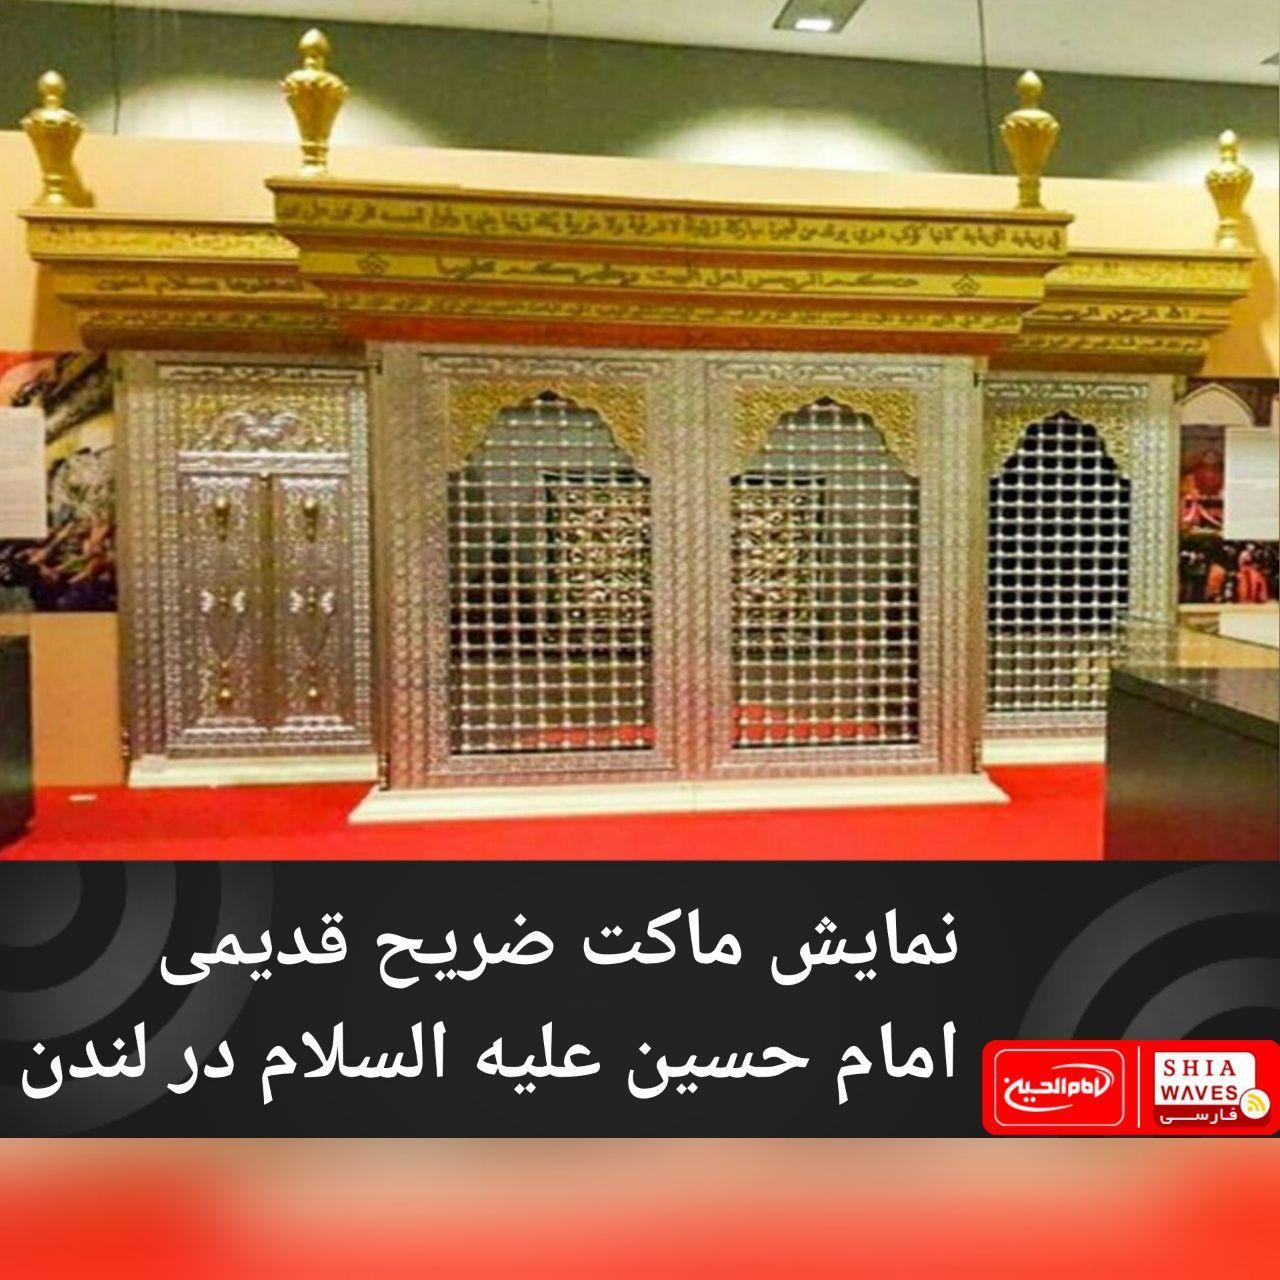 تصویر نمایش ماکت ضریح قدیمی امام حسین علیه السلام در لندن